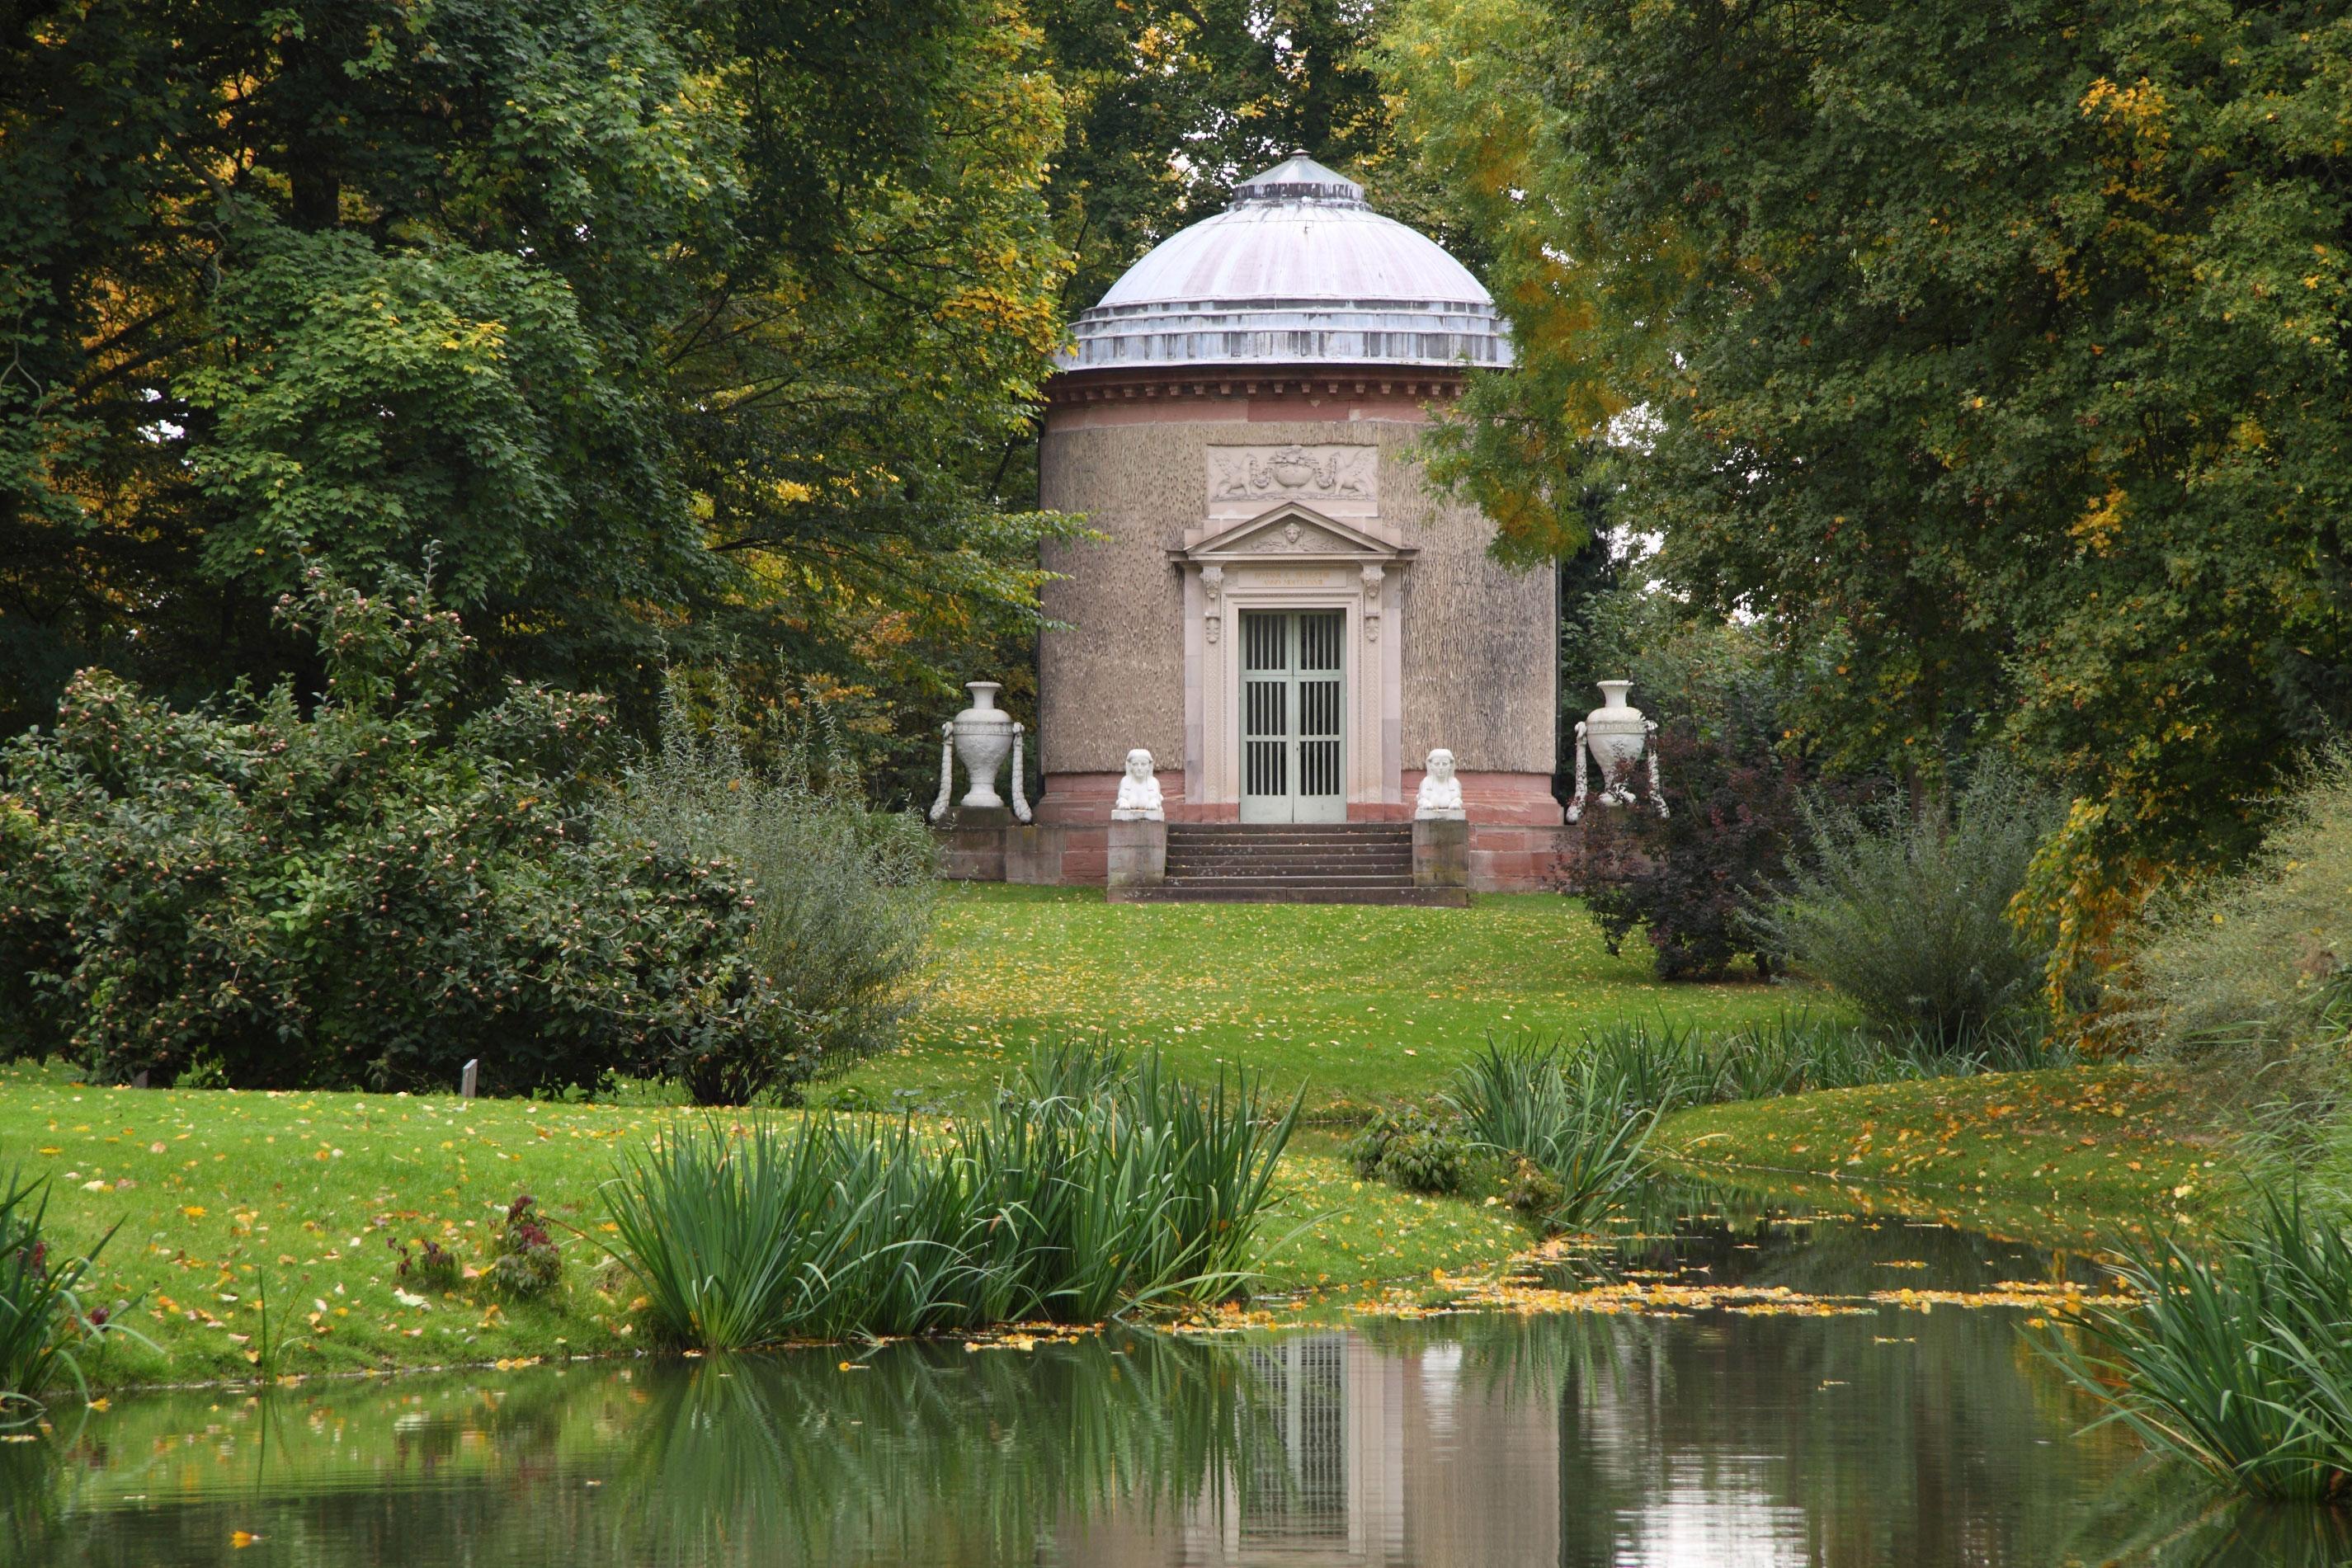 Tempel der Botanik im Schlossgarten von Schloss Schwetzingen; Foto: Staatliche Schlösser und Gärten Baden-Württemberg, Uschi Wetzel